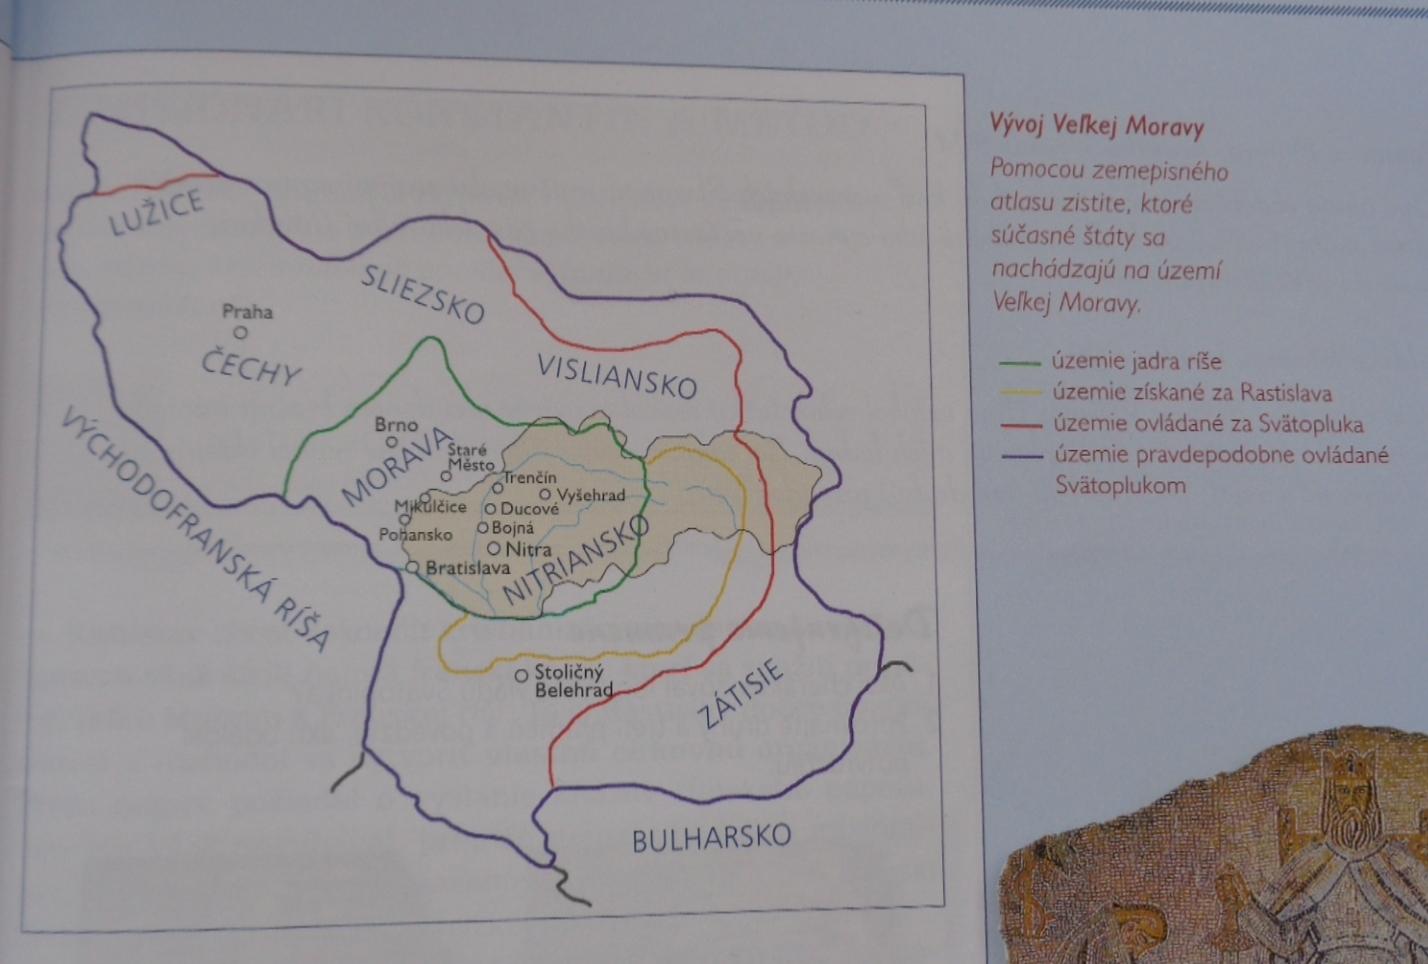 Taký veľký rozsah Veľkej Moravy je málo pravdepodobný.